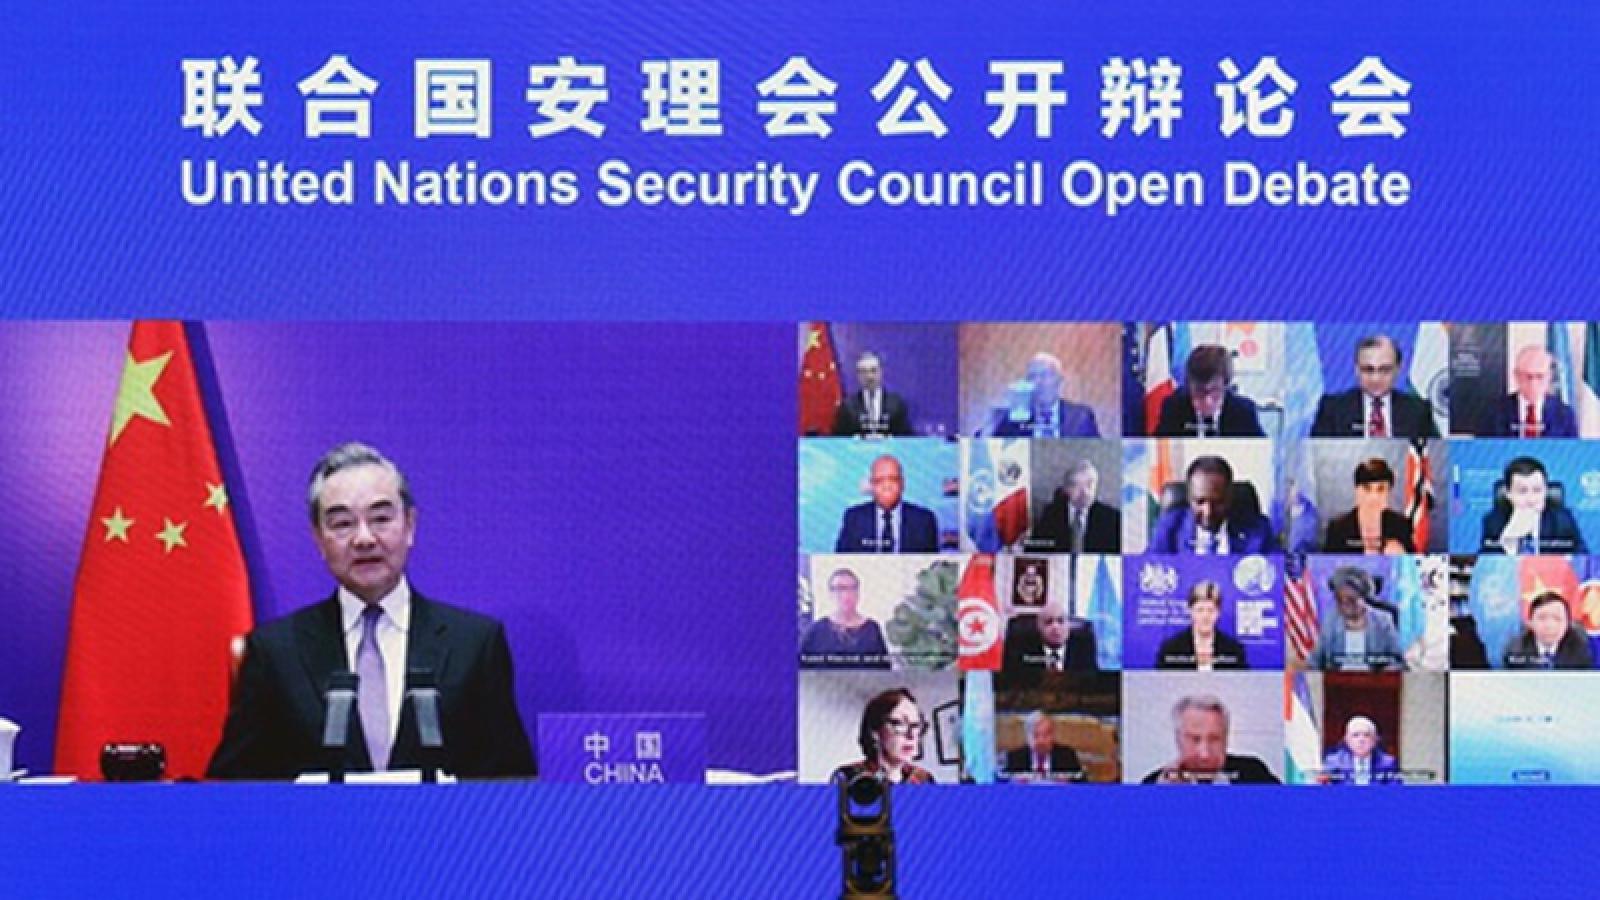 Trung Quốc đưa ra đề xuất 4 điểm hạ nhiệt căng thẳng giữa Palestine và Israel